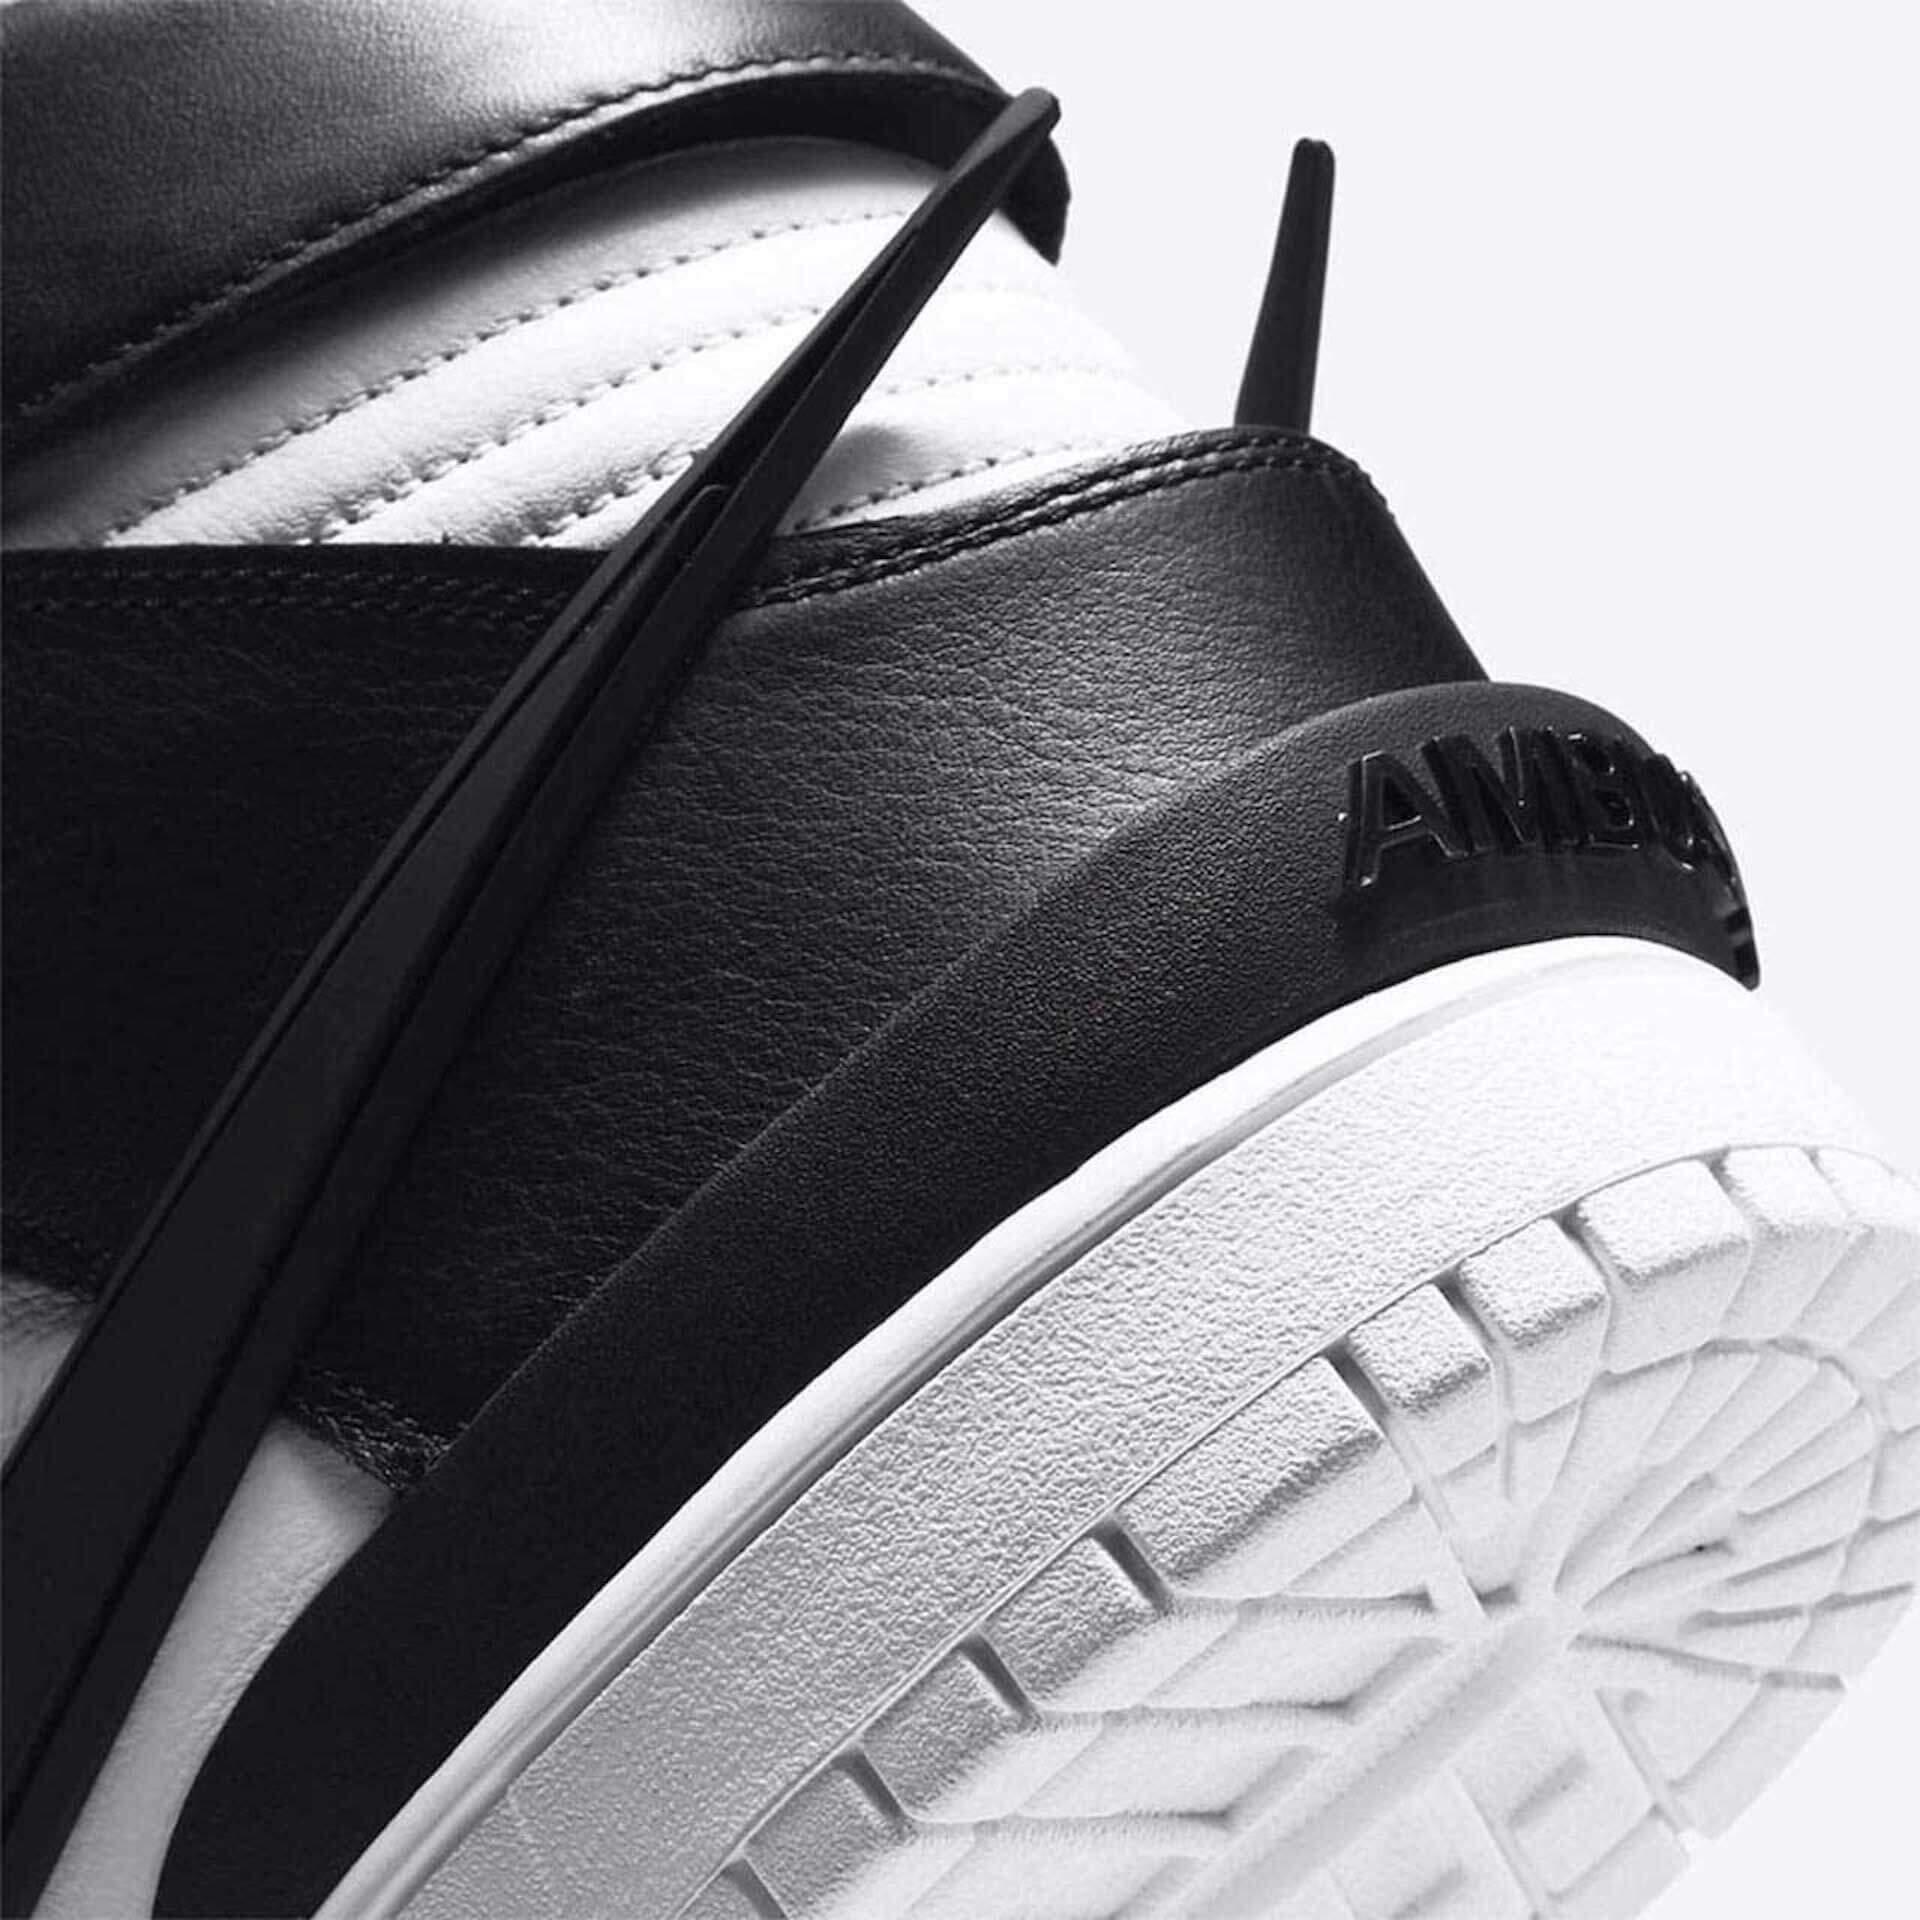 AMBUSH®からNBAとNIKEがYOONと共同でデザインした『NIKE x AMBUSH NBAコレクション』 を発表!NIKE DUNK HIも同時発 fashion2020124_nike_ambushnba_4